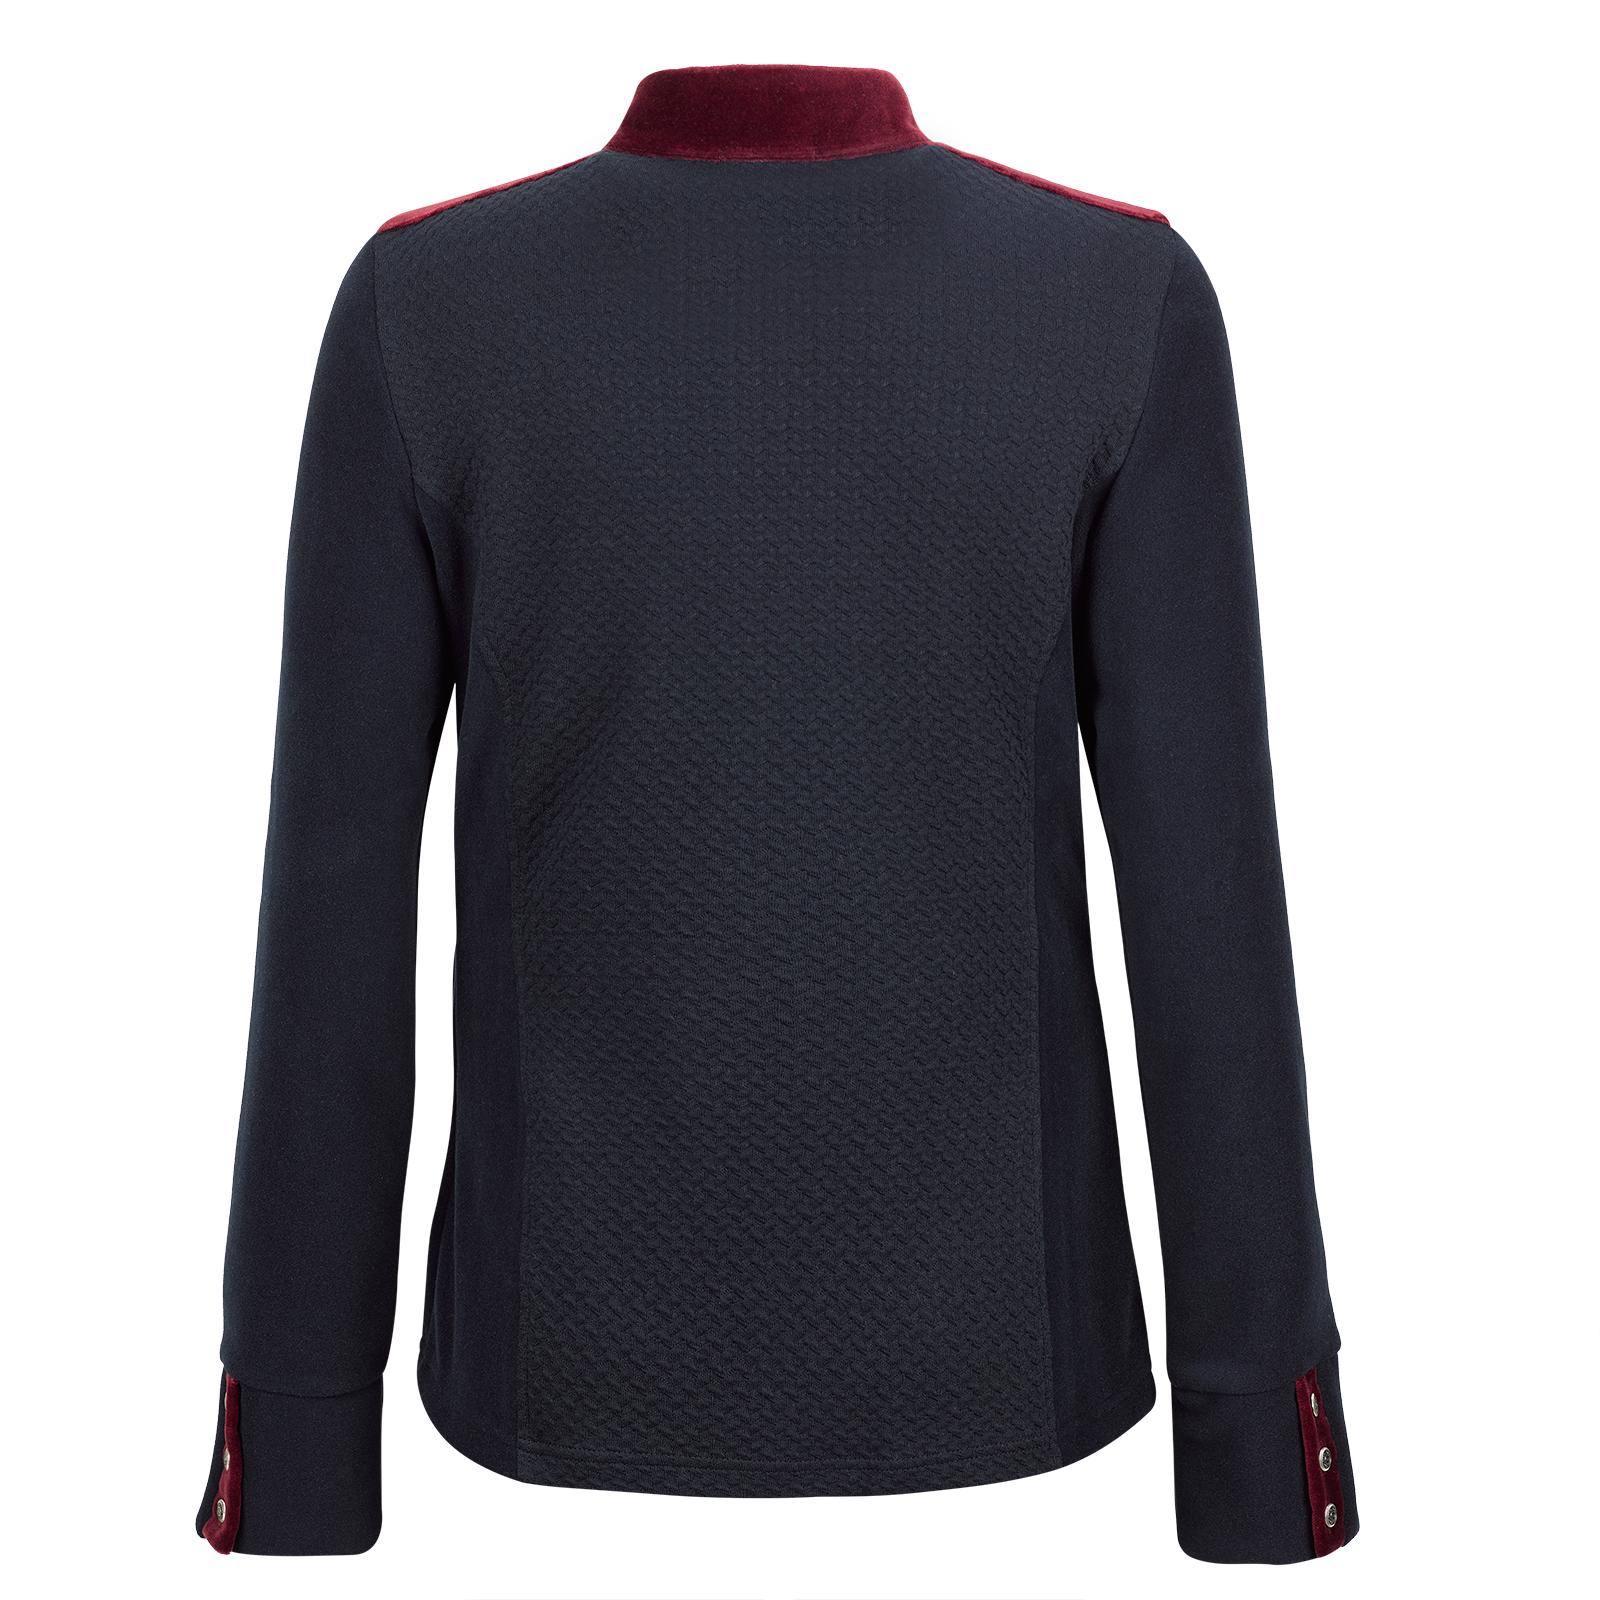 Damen Golf-Jacke mit exklusiver Struktur und Cold Protection Funktion